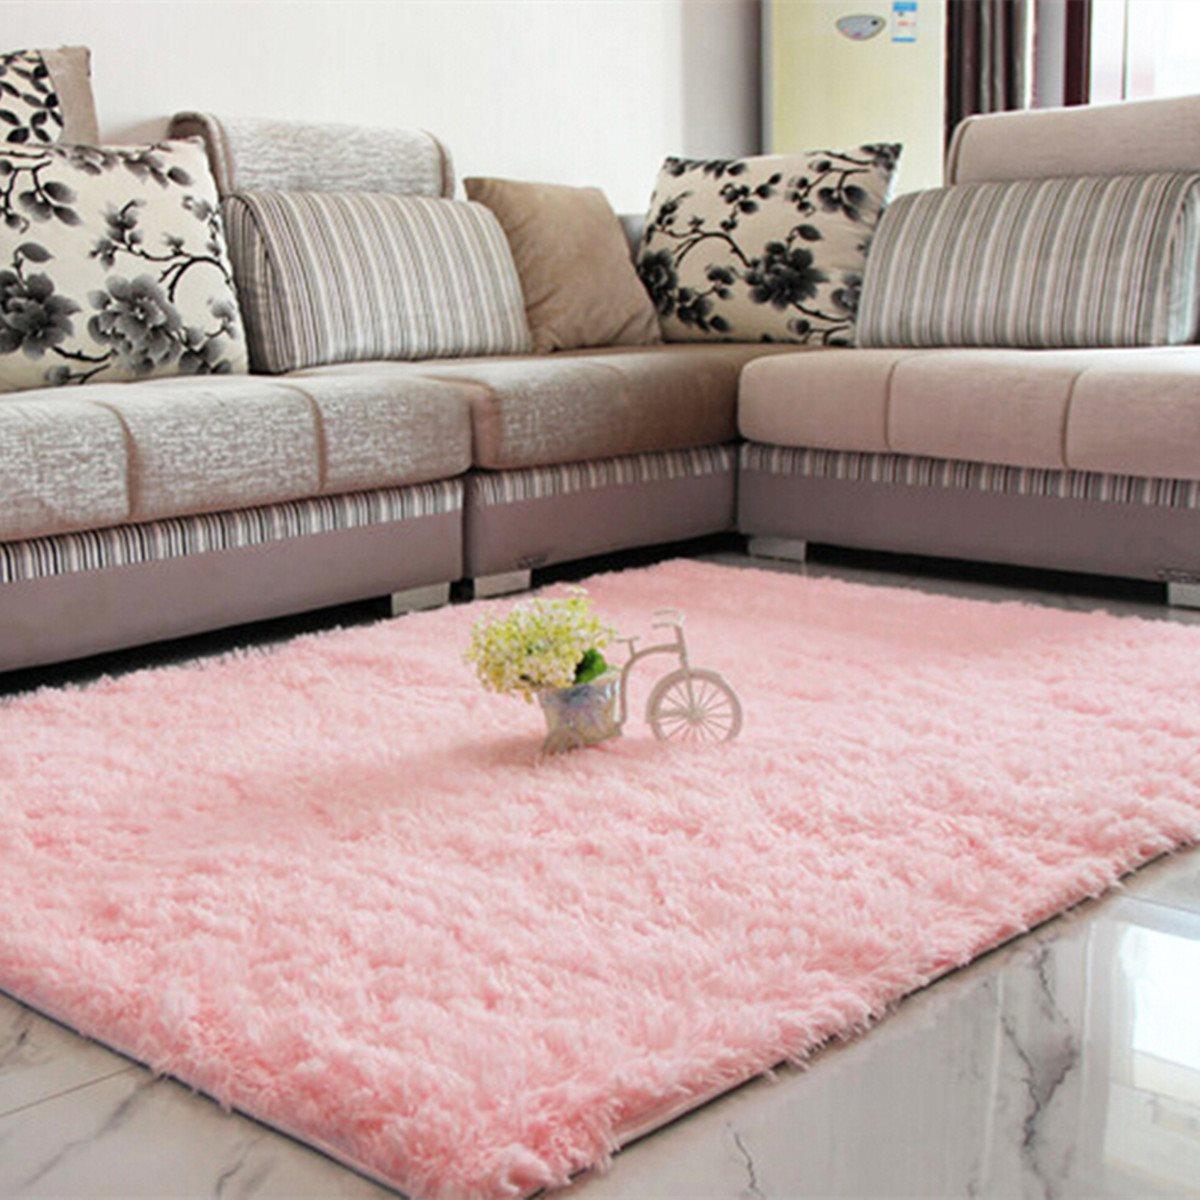 goedkope vloerbedekking slaapkamer artsmediafo